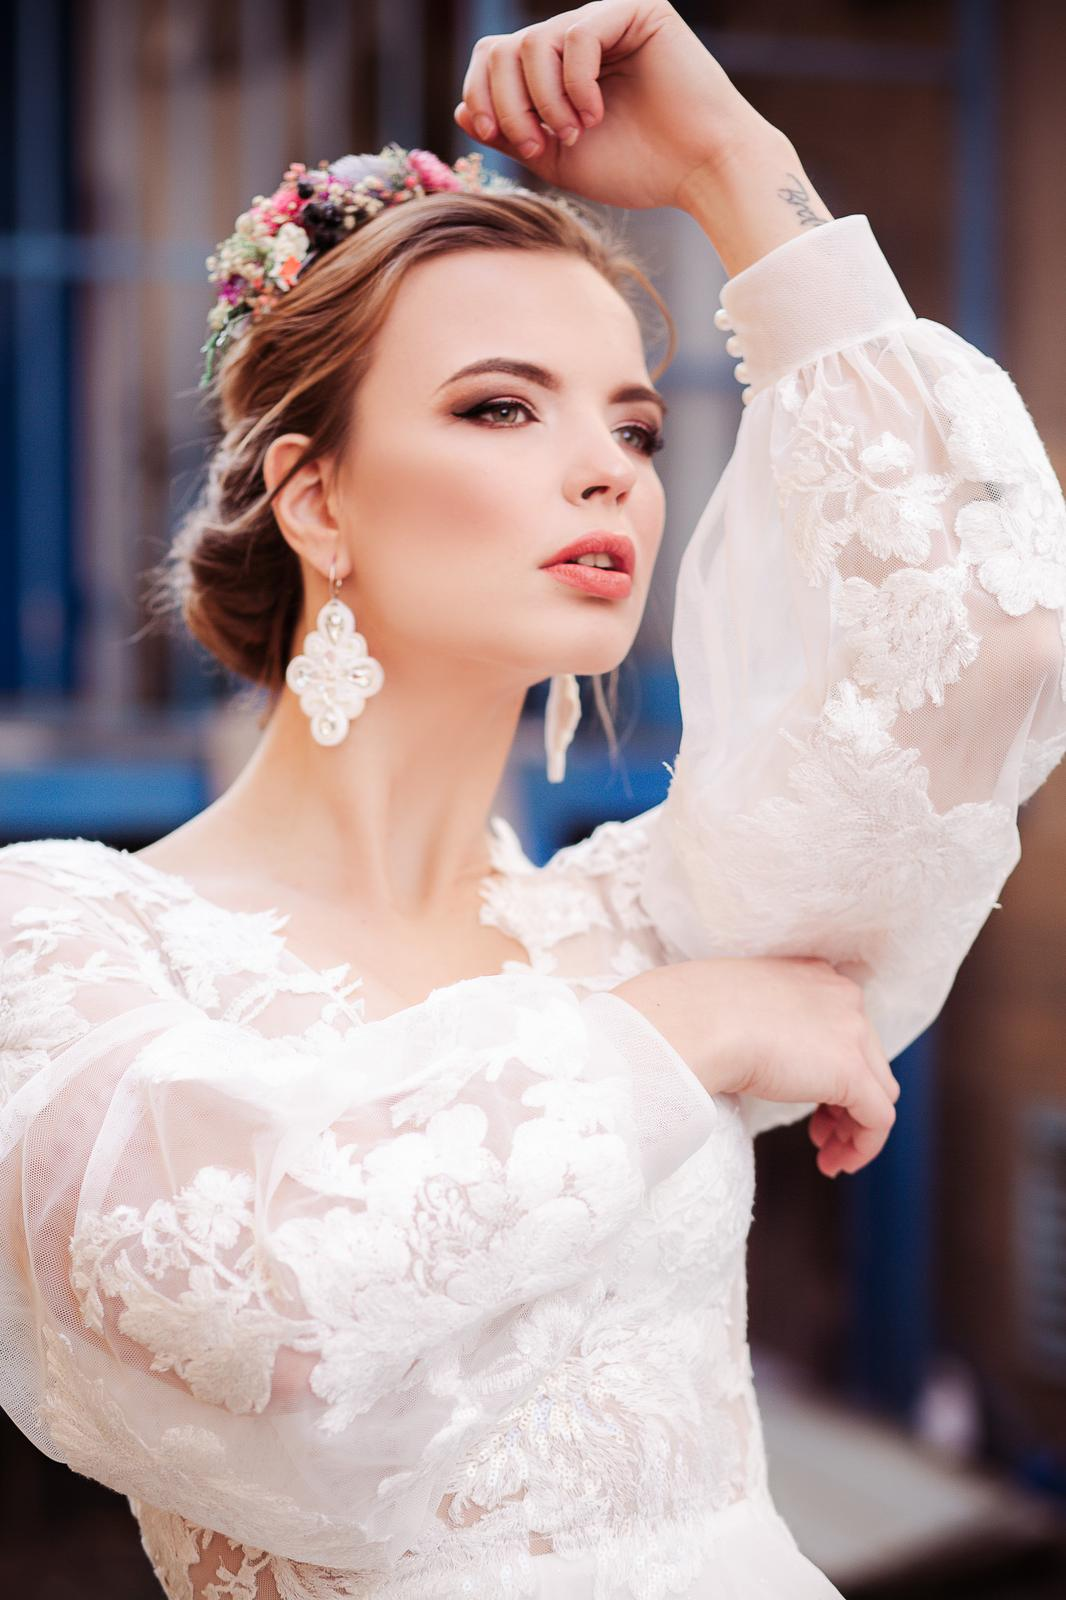 @kikira Ahoj, som svadobná... - Obrázok č. 2